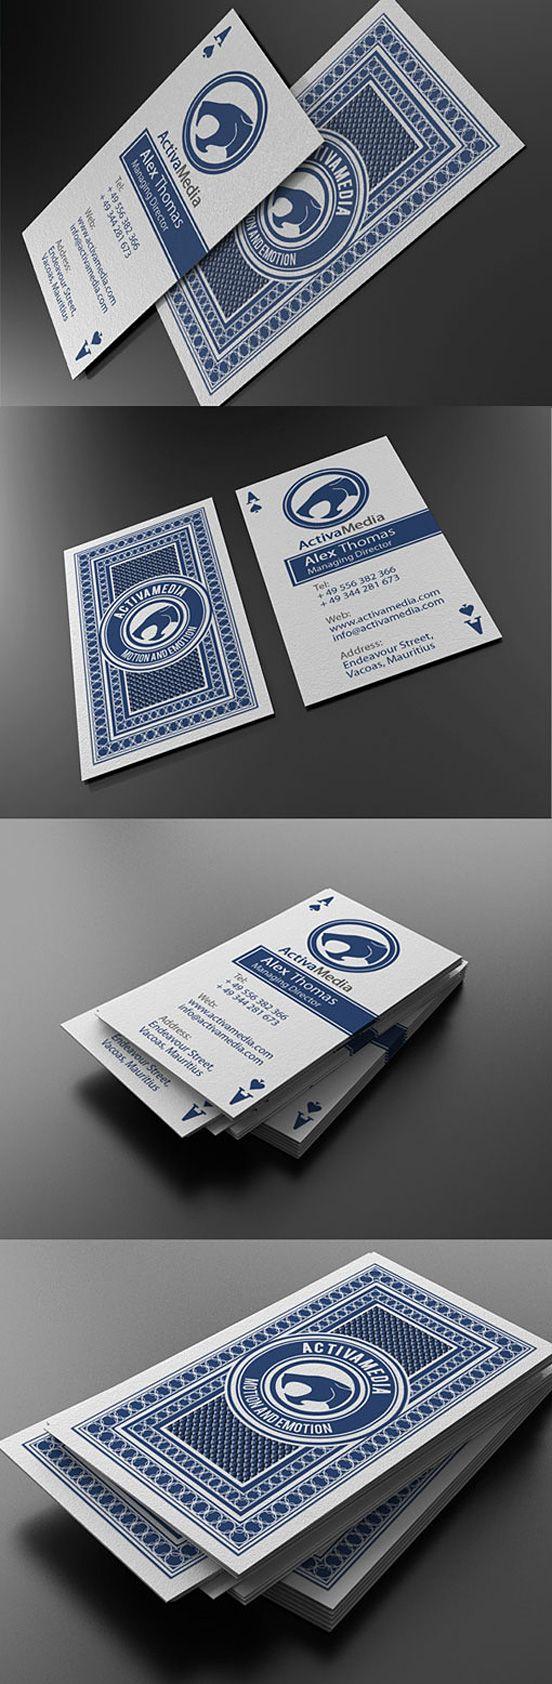 125 Best Business Cards Images On Pinterest Graph Design Carte De